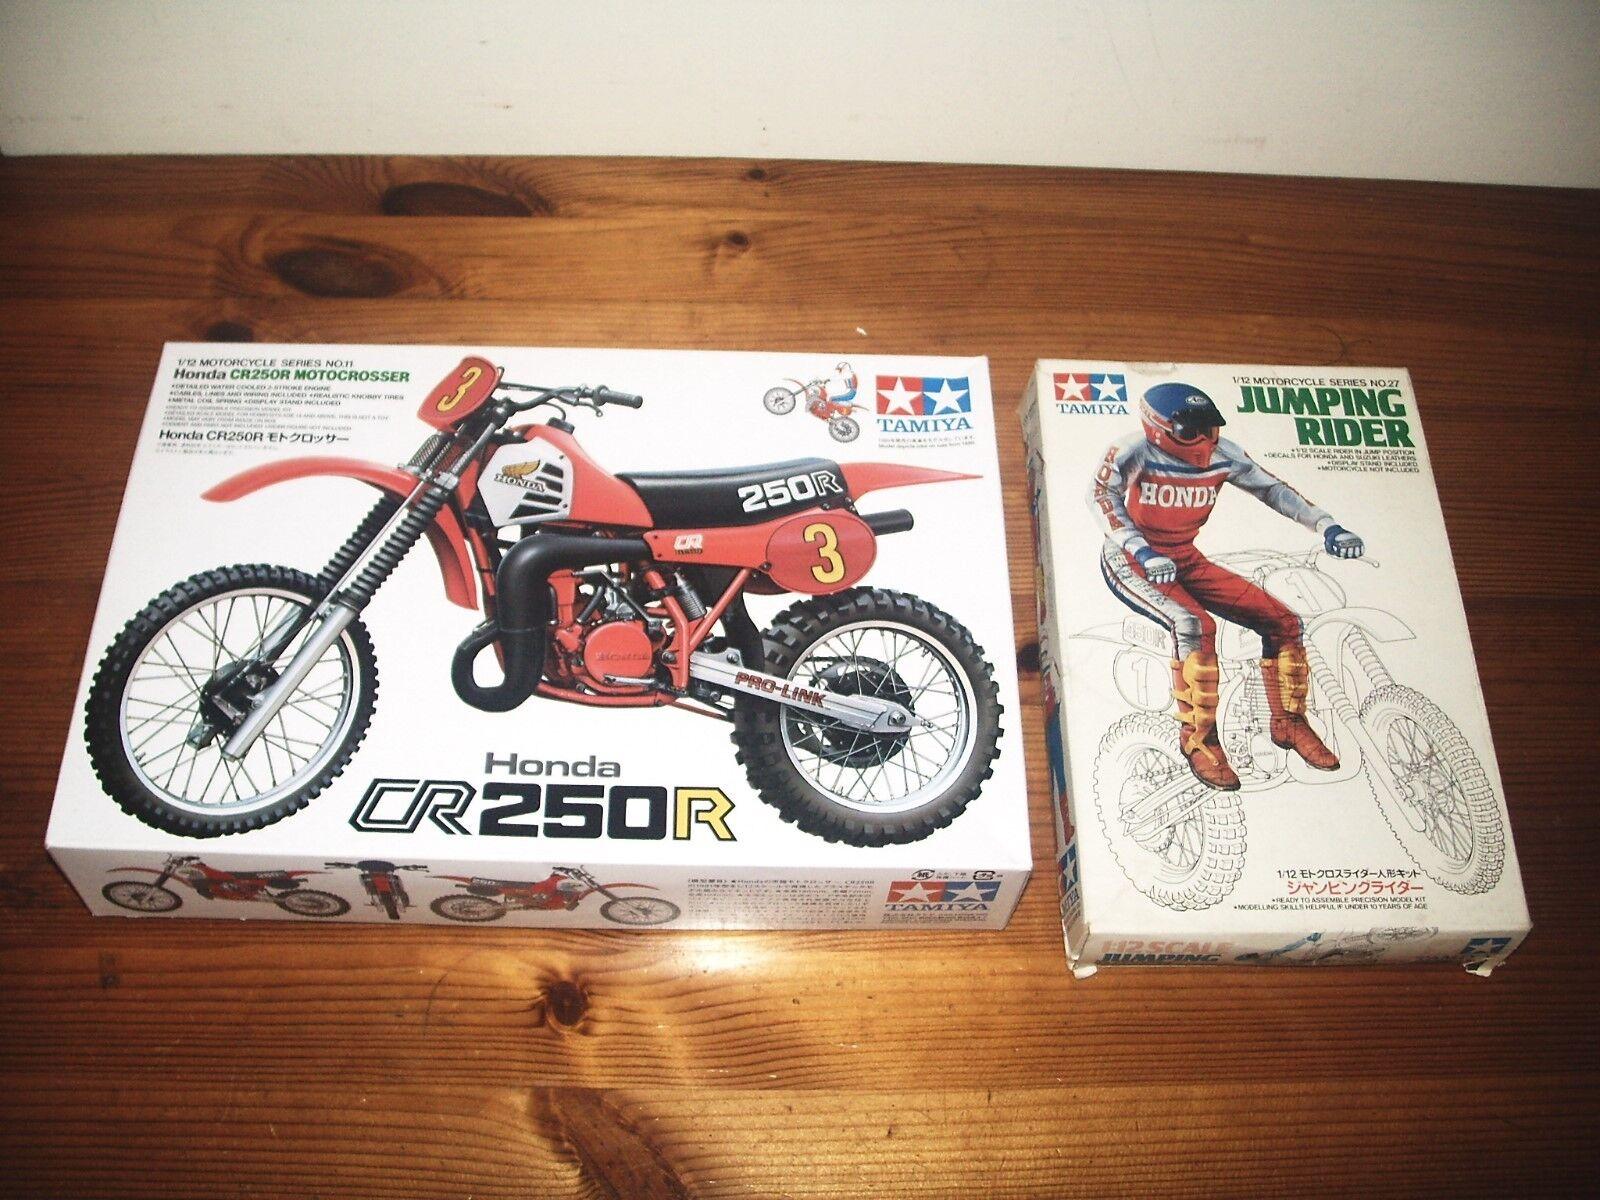 TAMIYA 1 12 HONDA CR250R MOTORCYCLE MODEL KIT 14011 + JUMPING RIDER